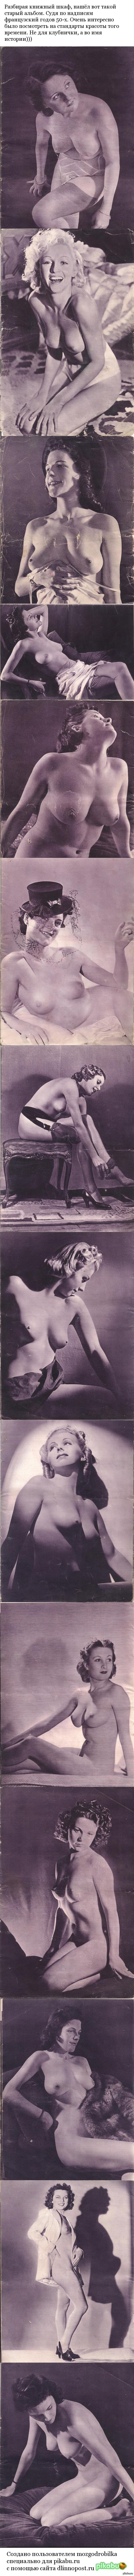 Альбом 50-х годов с симпатичными моделями Очень интересно было знакомиться с историей таким приятным для глаз способом. Многим из этих моделей уже, наверно, больше 80 лет, но как же они были красивы